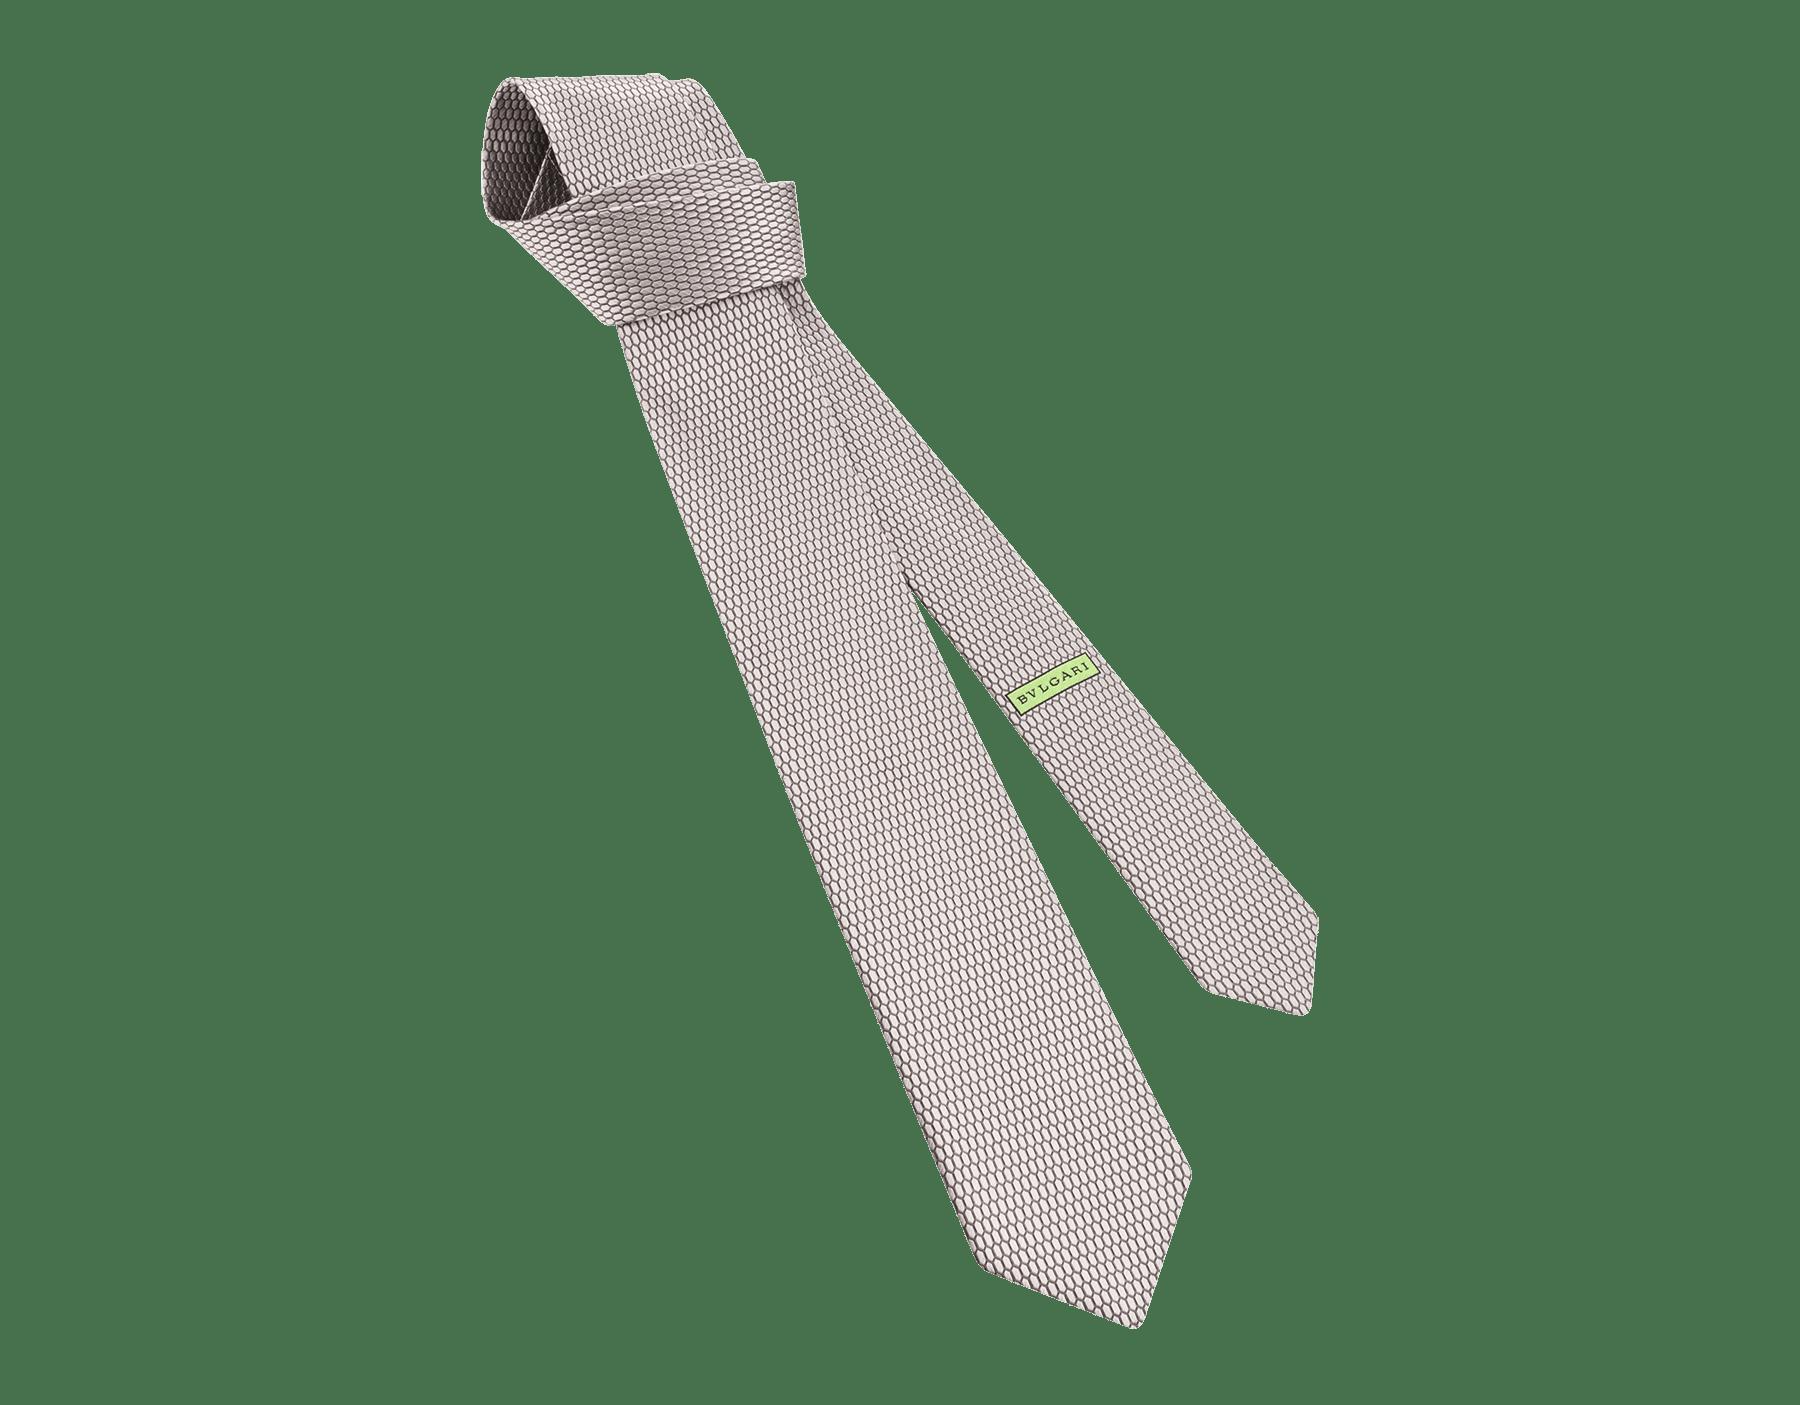 """ربطة عنق بسبع طيات """"كولور سنايك"""" من الحرير الجاكار الفاخر باللون اللؤلؤي . ColorSnake image 1"""